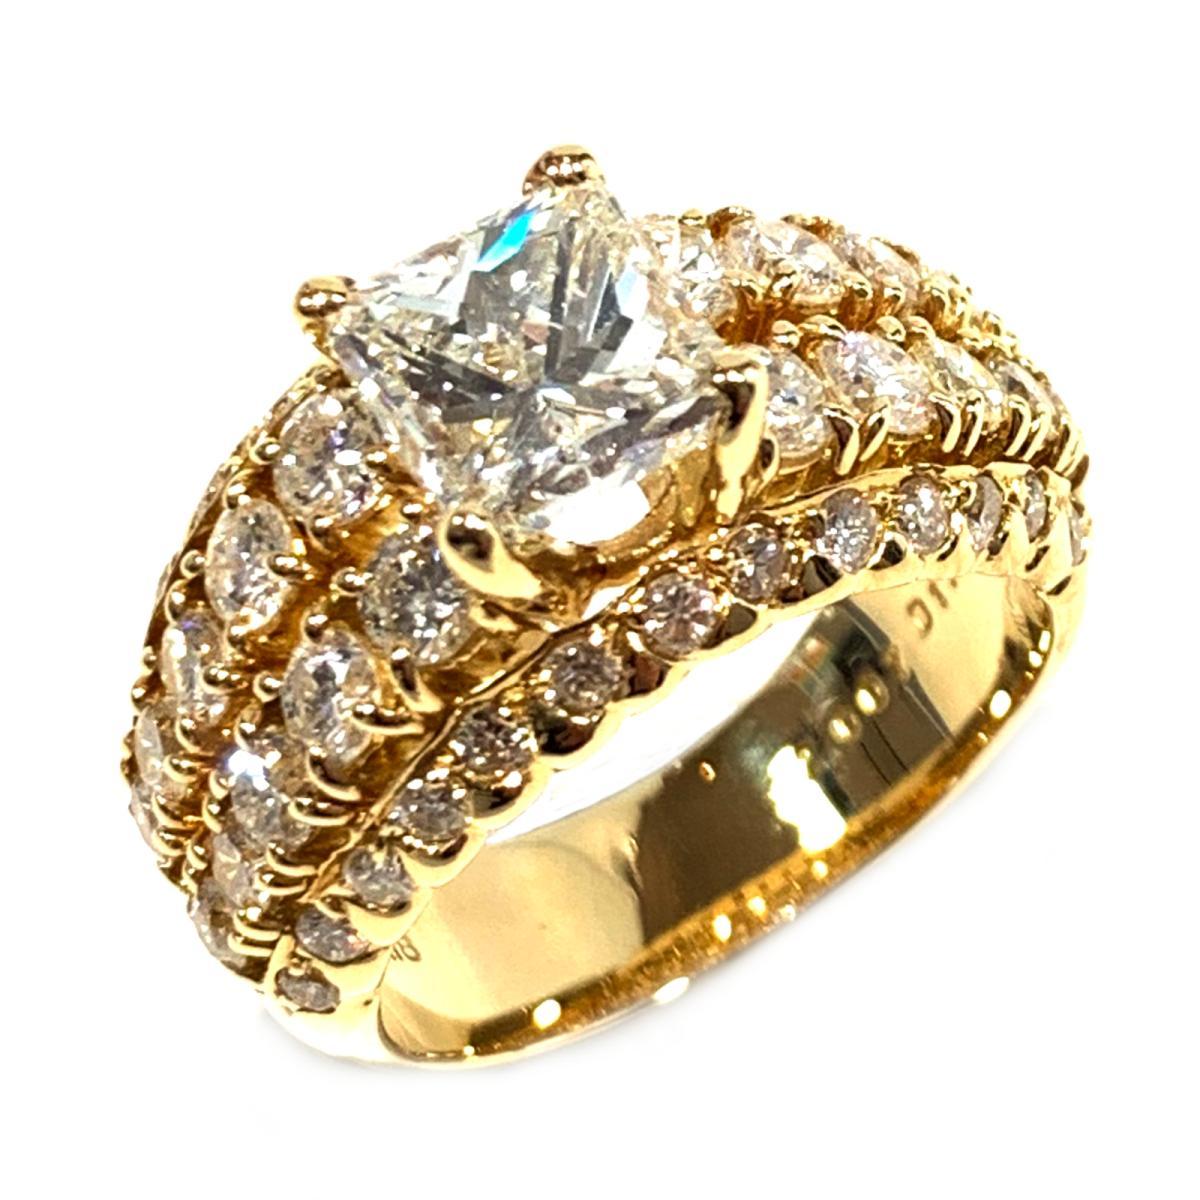 【中古】 ジュエリー ダイヤモンド リング 指輪 レディース K18YG (750) イエローゴールド x ダイヤモンド2.0071.70ct クリアー ゴールド | JEWELRY BRANDOFF ブランドオフ ブランド アクセサリー